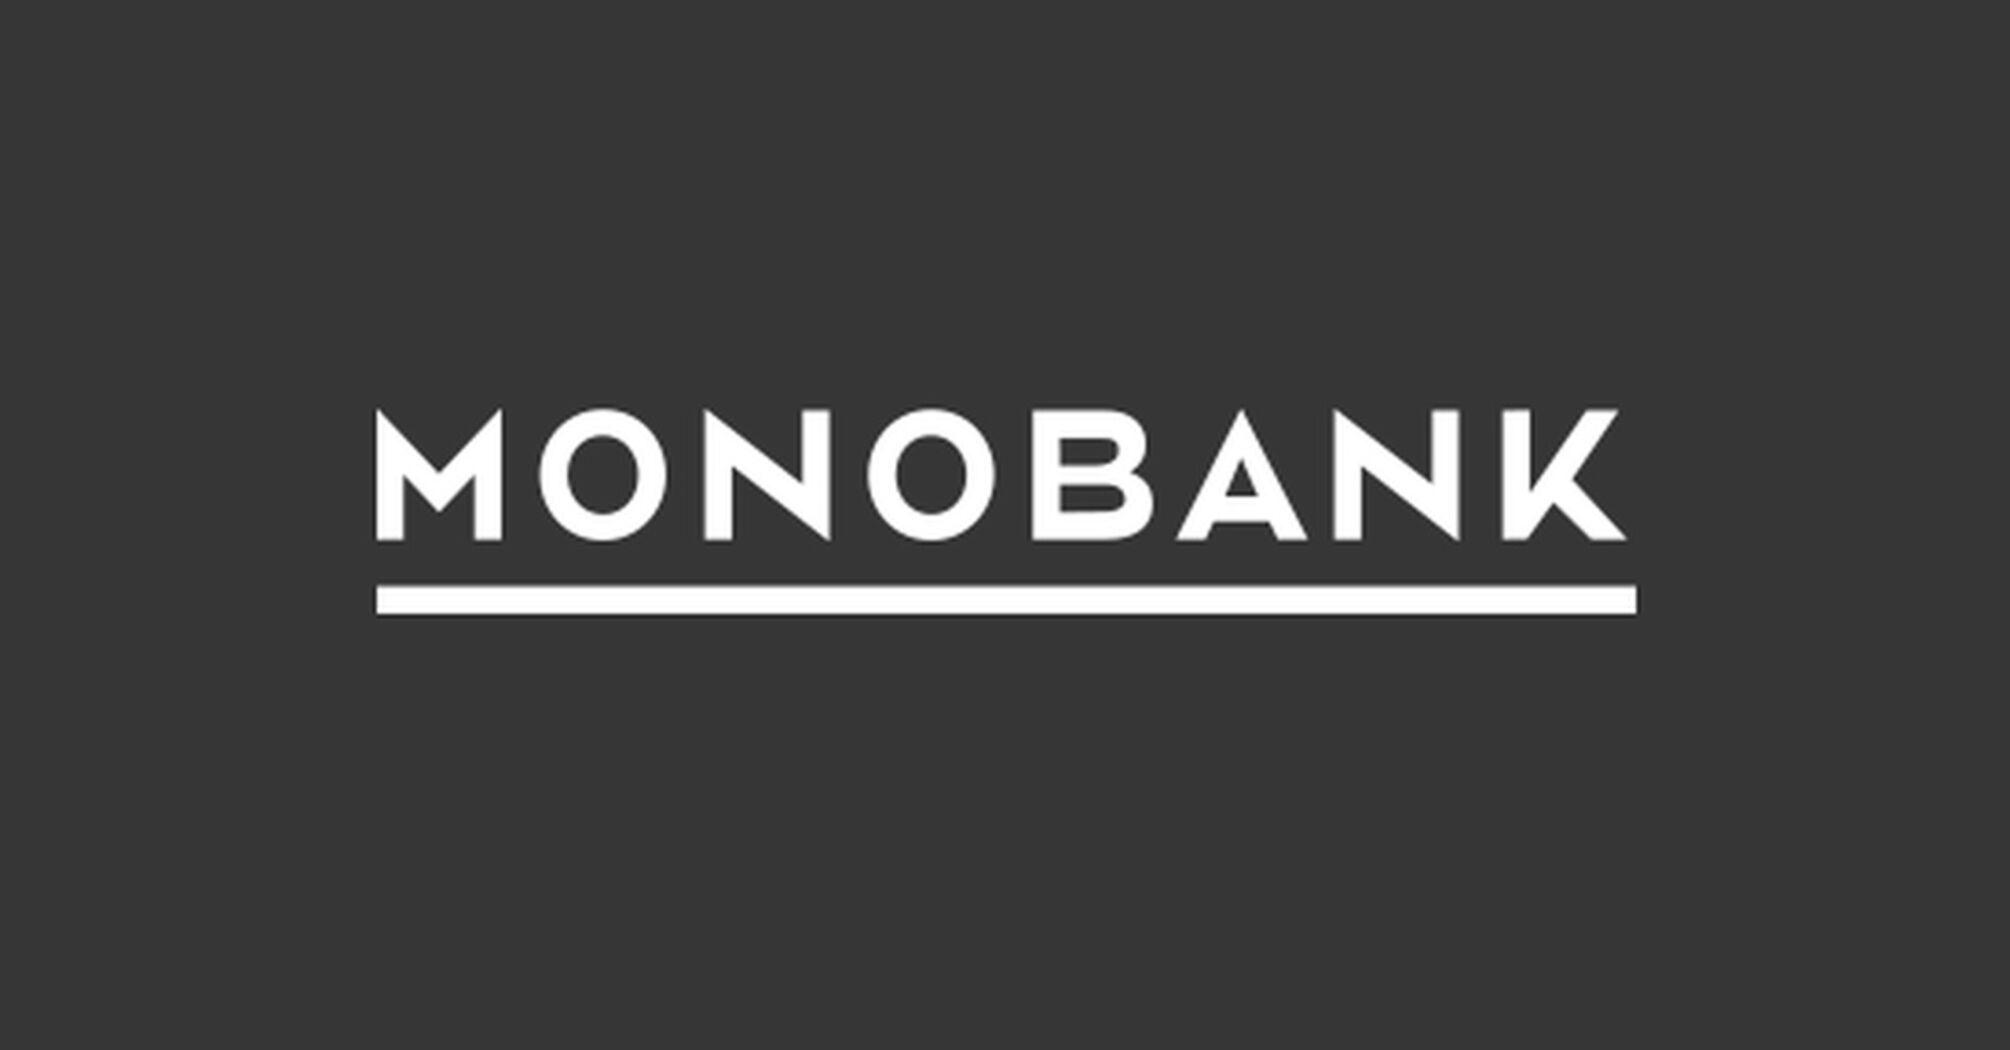 """""""Ви що знущаєтесь?"""" Клієнт поскаржився на Monоbank через блокування коштів"""